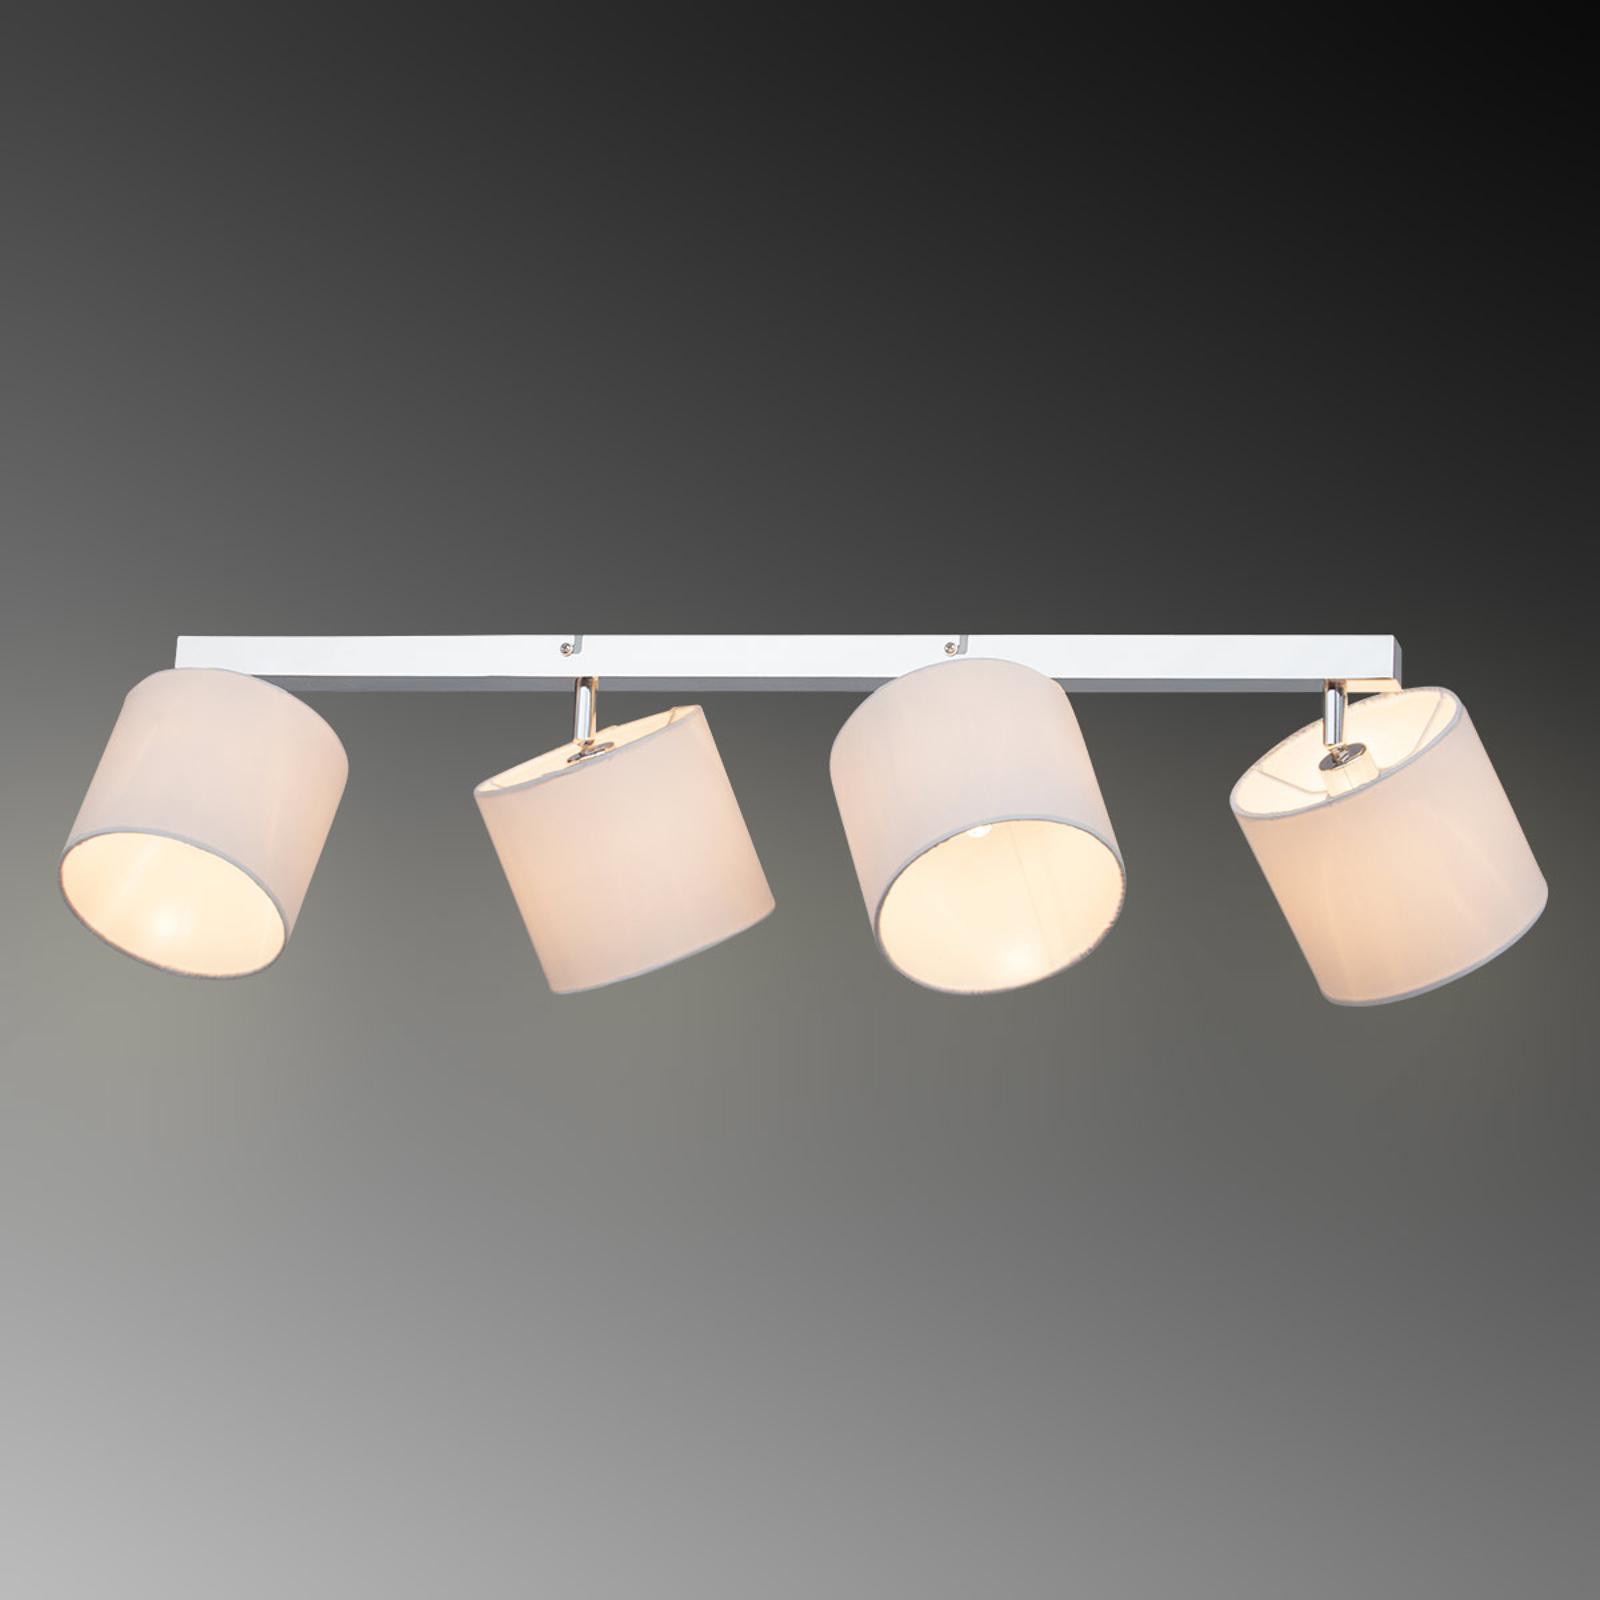 Stropní lampa Sandra 4 žárovky, bílá